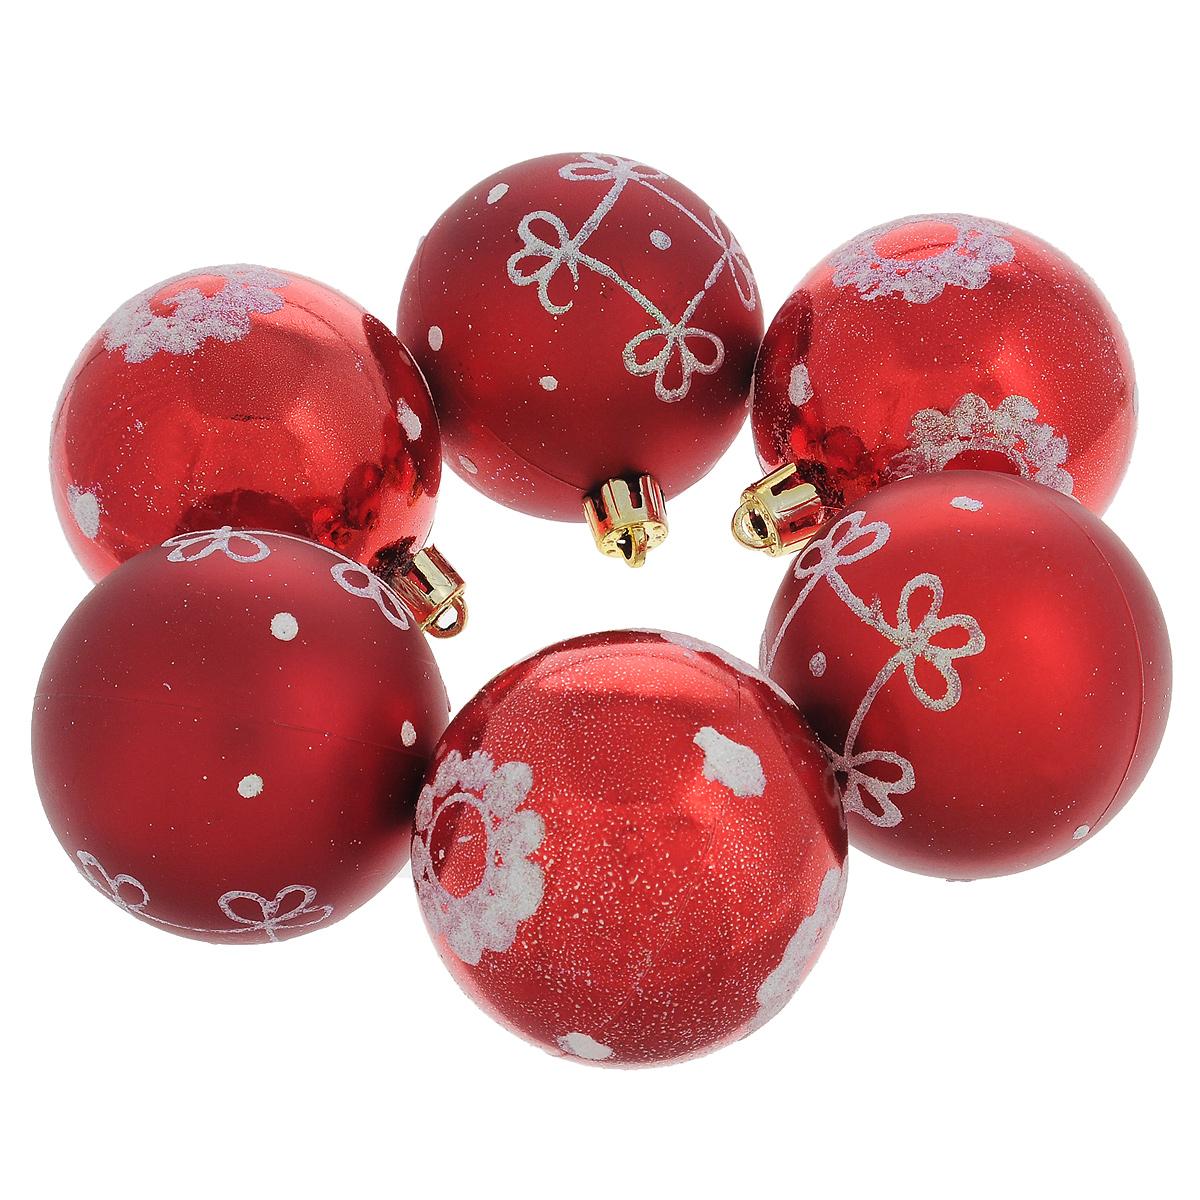 Набор новогодних подвесных украшений Шар, цвет: красный, 6 шт. 3550635506Набор новогодних подвесных украшений Шар прекрасно подойдет для праздничного декора новогодней ели. Состоит из шести шаров.Елочная игрушка - символ Нового года. Она несет в себе волшебство и красоту праздника. Создайте в своем доме атмосферу веселья и радости, украшая новогоднюю елку нарядными игрушками, которые будут из года в год накапливать теплоту воспоминаний. Коллекция декоративных украшений принесет в ваш дом ни с чем несравнимое ощущение волшебства! Откройте для себя удивительный мир сказок и грез. Почувствуйте волшебные минуты ожидания праздника, создайте новогоднее настроение вашим дорогим и близким.